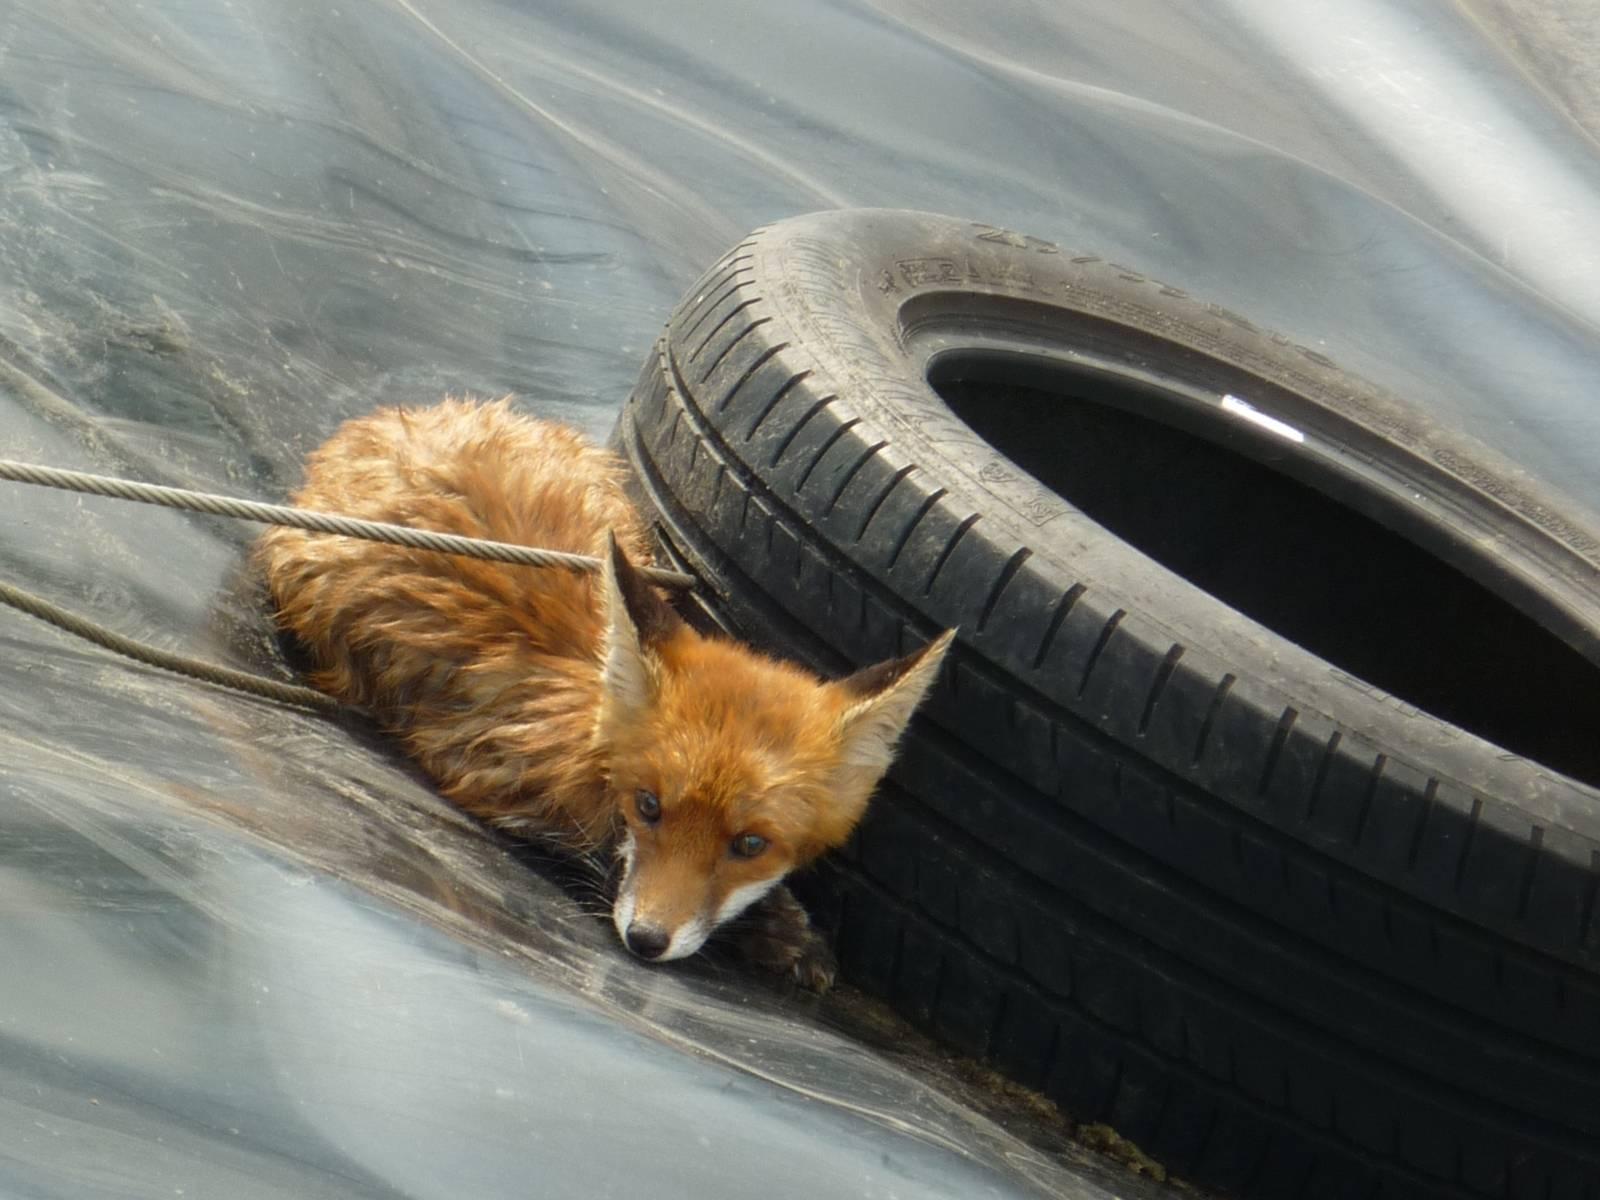 Fuchs im Regenrückhaltebecken